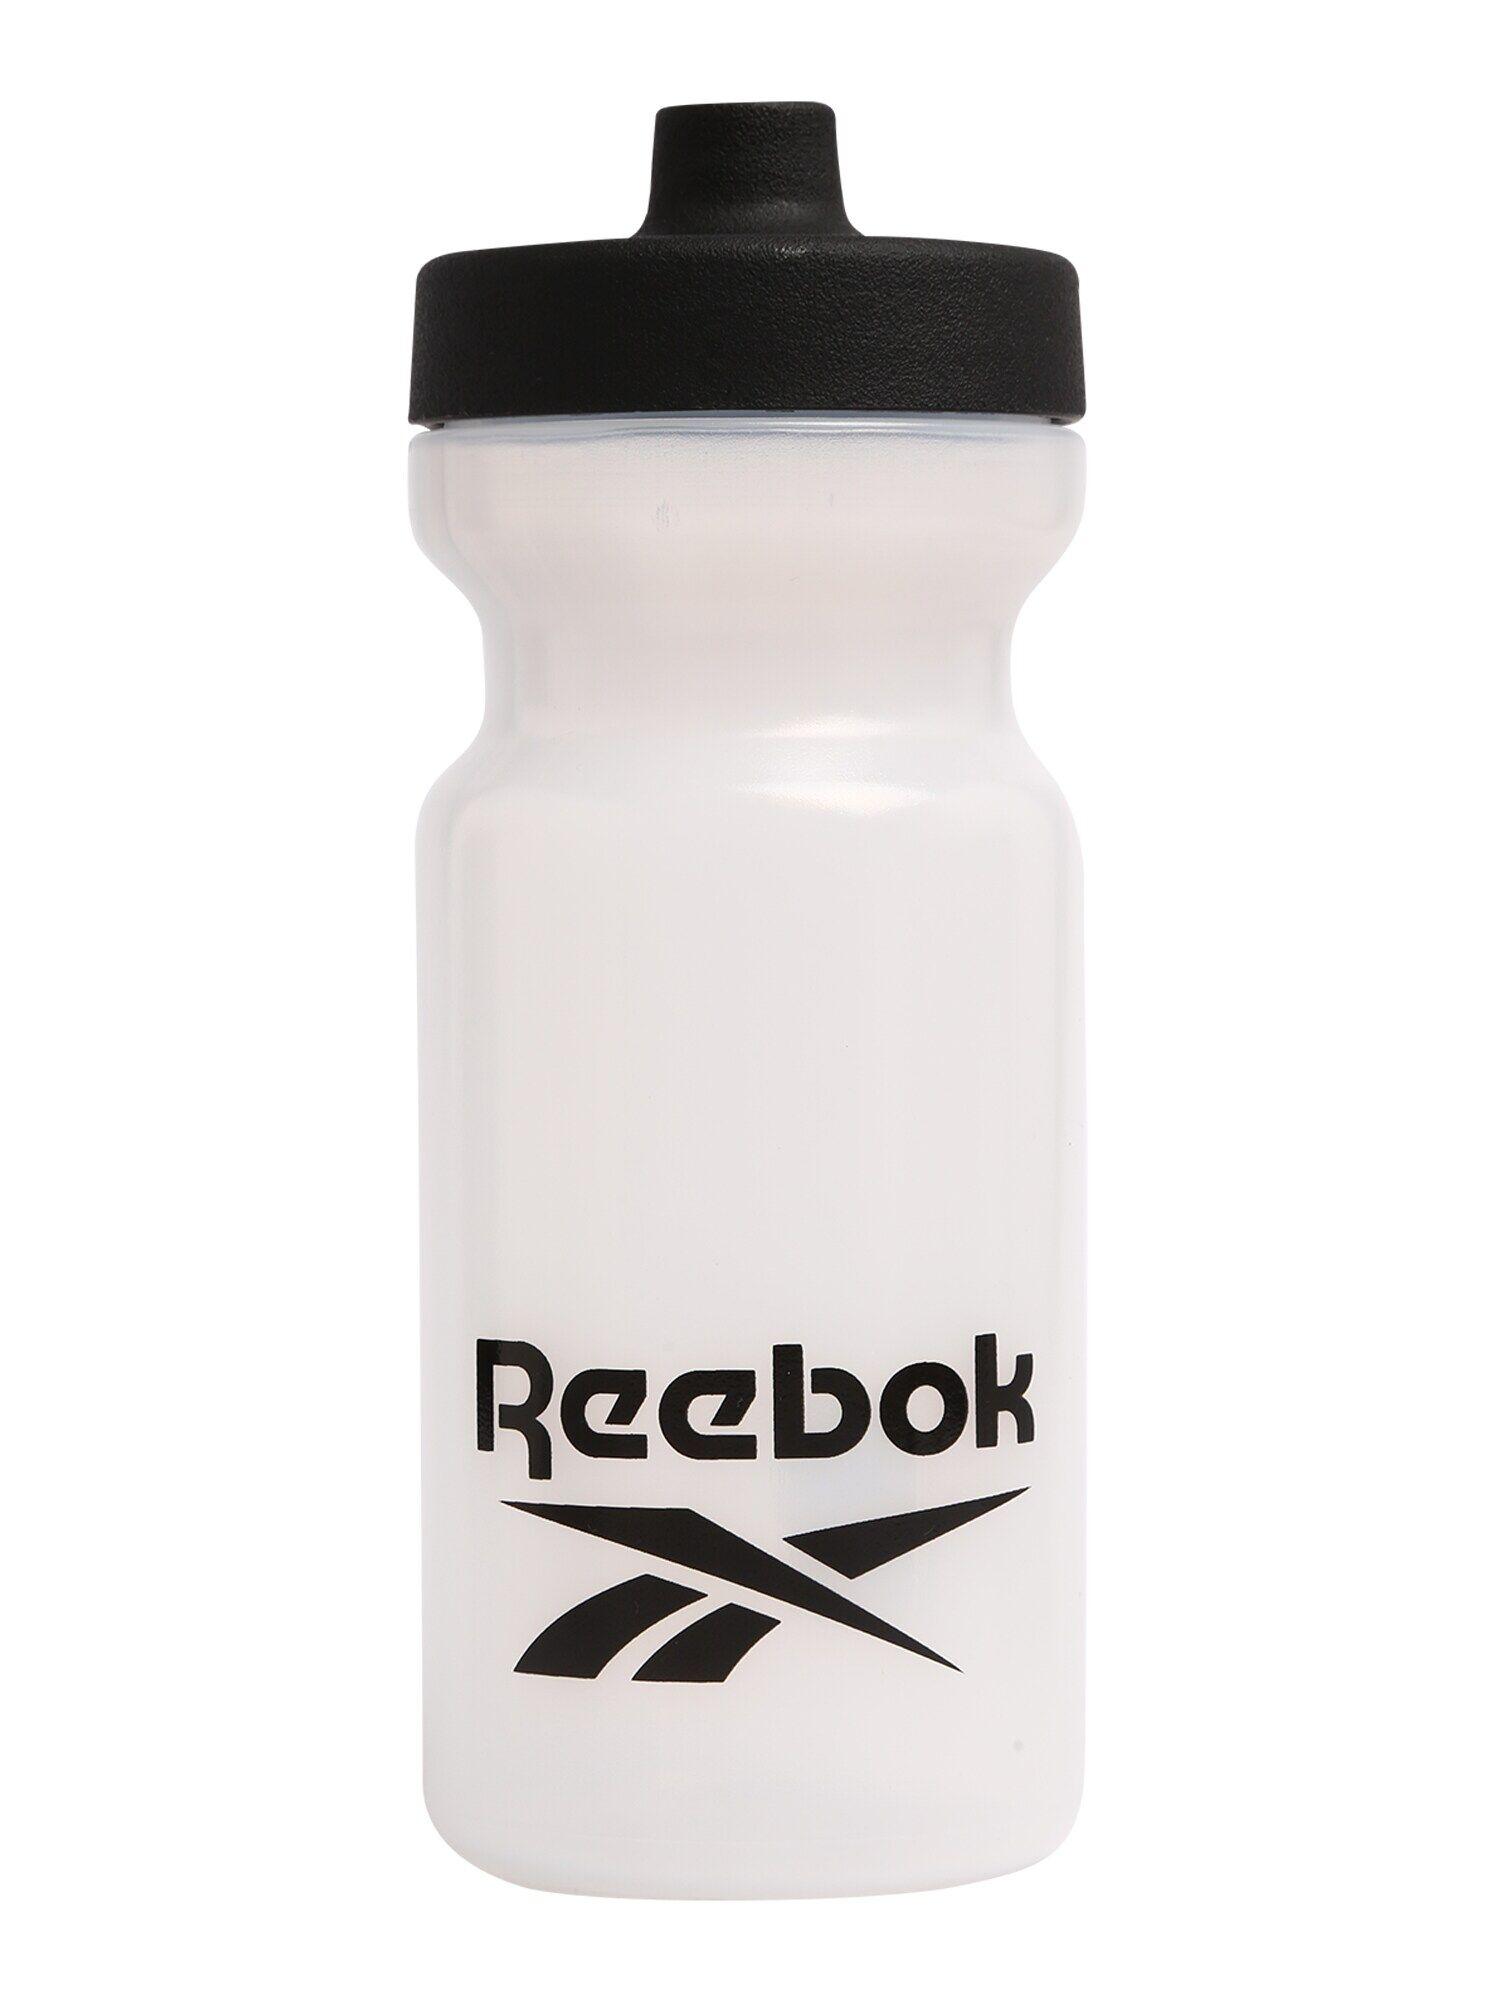 REEBOK Gourdes  - Blanc - Taille: S-XXL - male